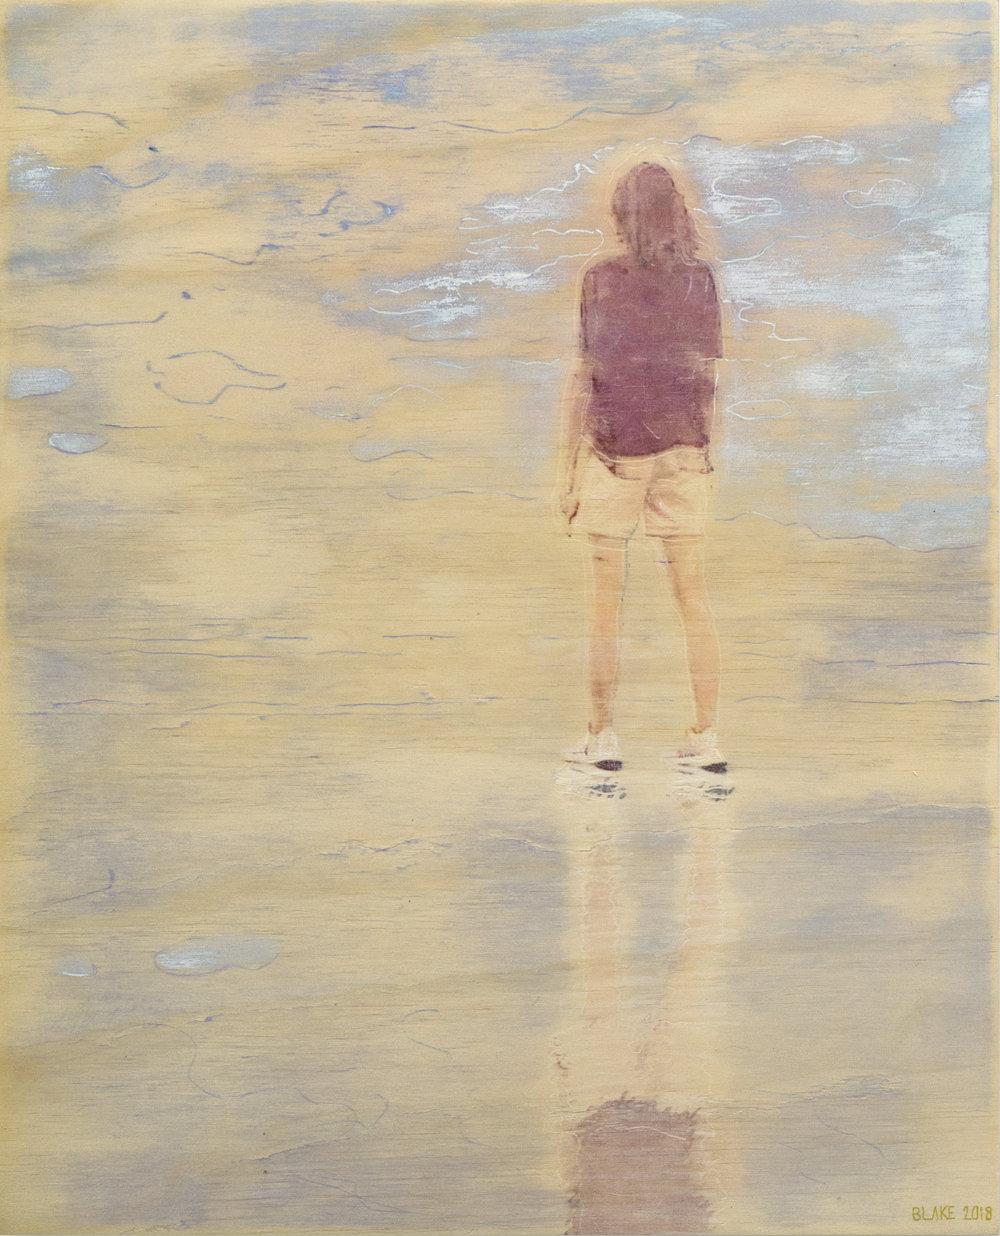 E Beach (5) (2018) Acrylic, ink on board. 50 x 40cm